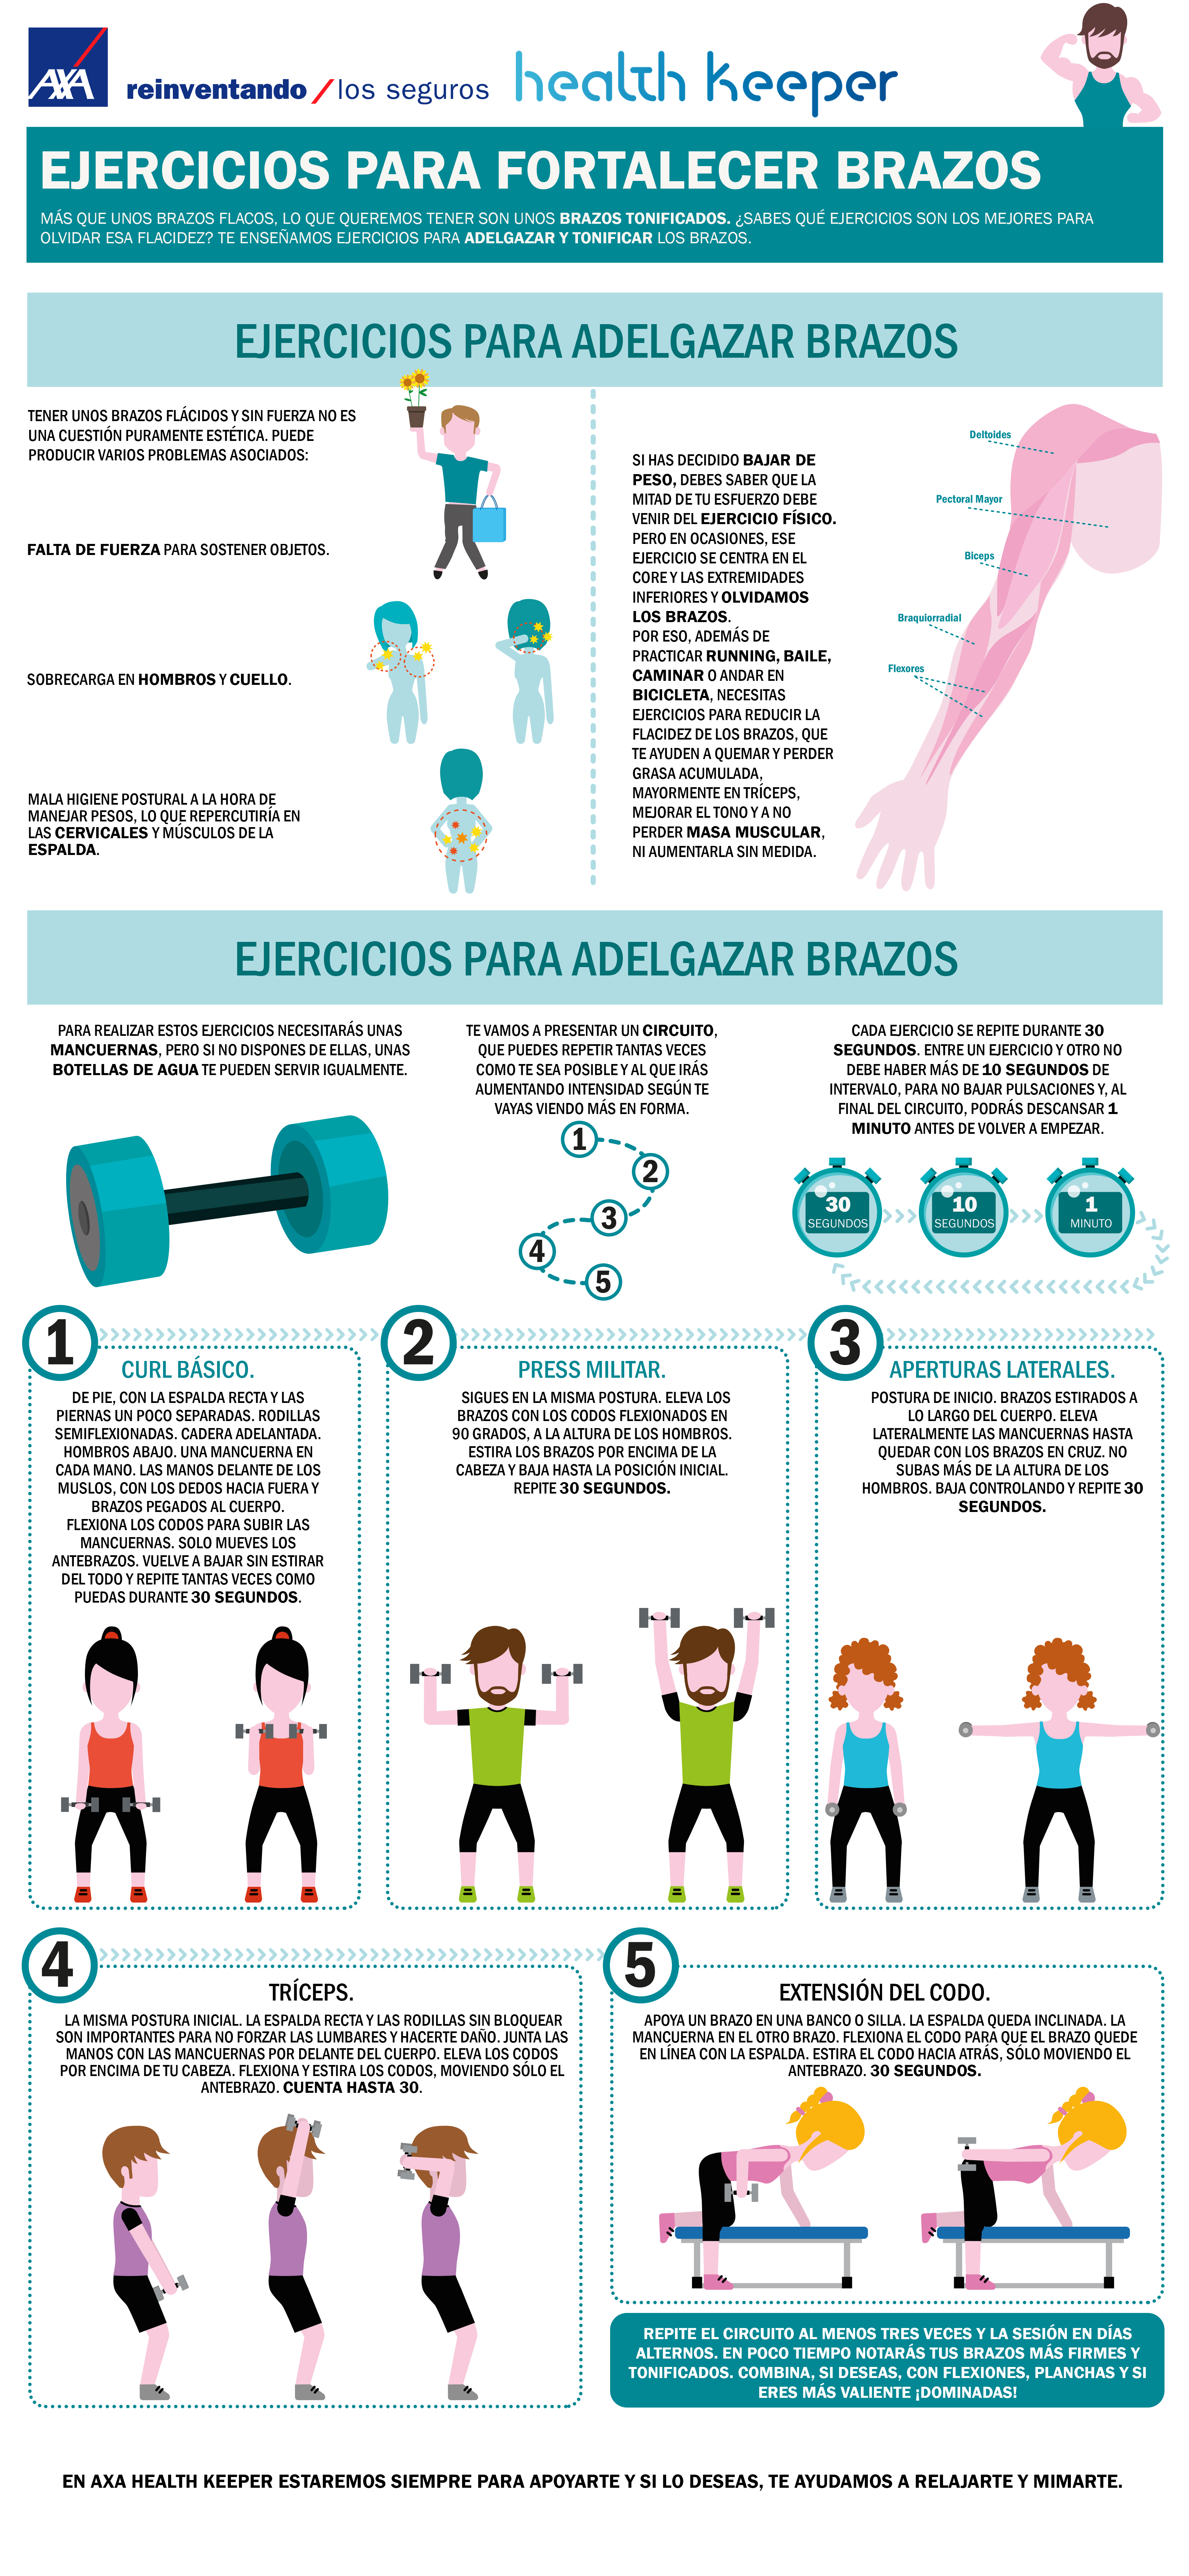 Ejercicios Para Adelgazar Brazos Axa Healthkeeper